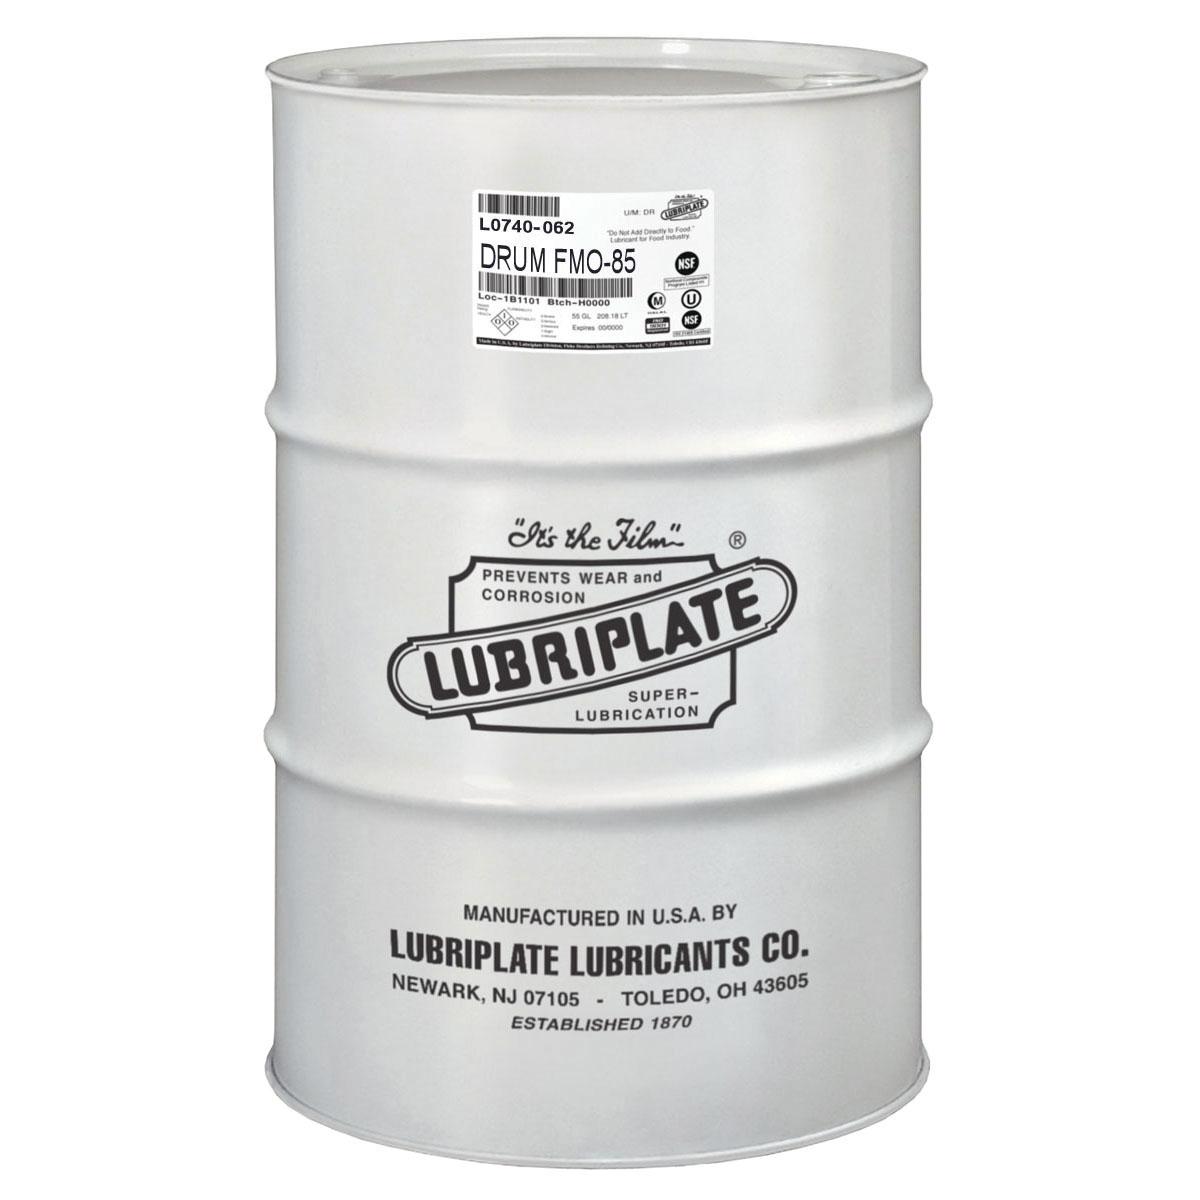 Lubriplate® L0740-062 FMO-85 Multi-Purpose Machine Oil, 55 gal Drum, Mineral Oil Odor/Scent, Liquid Form, Water White